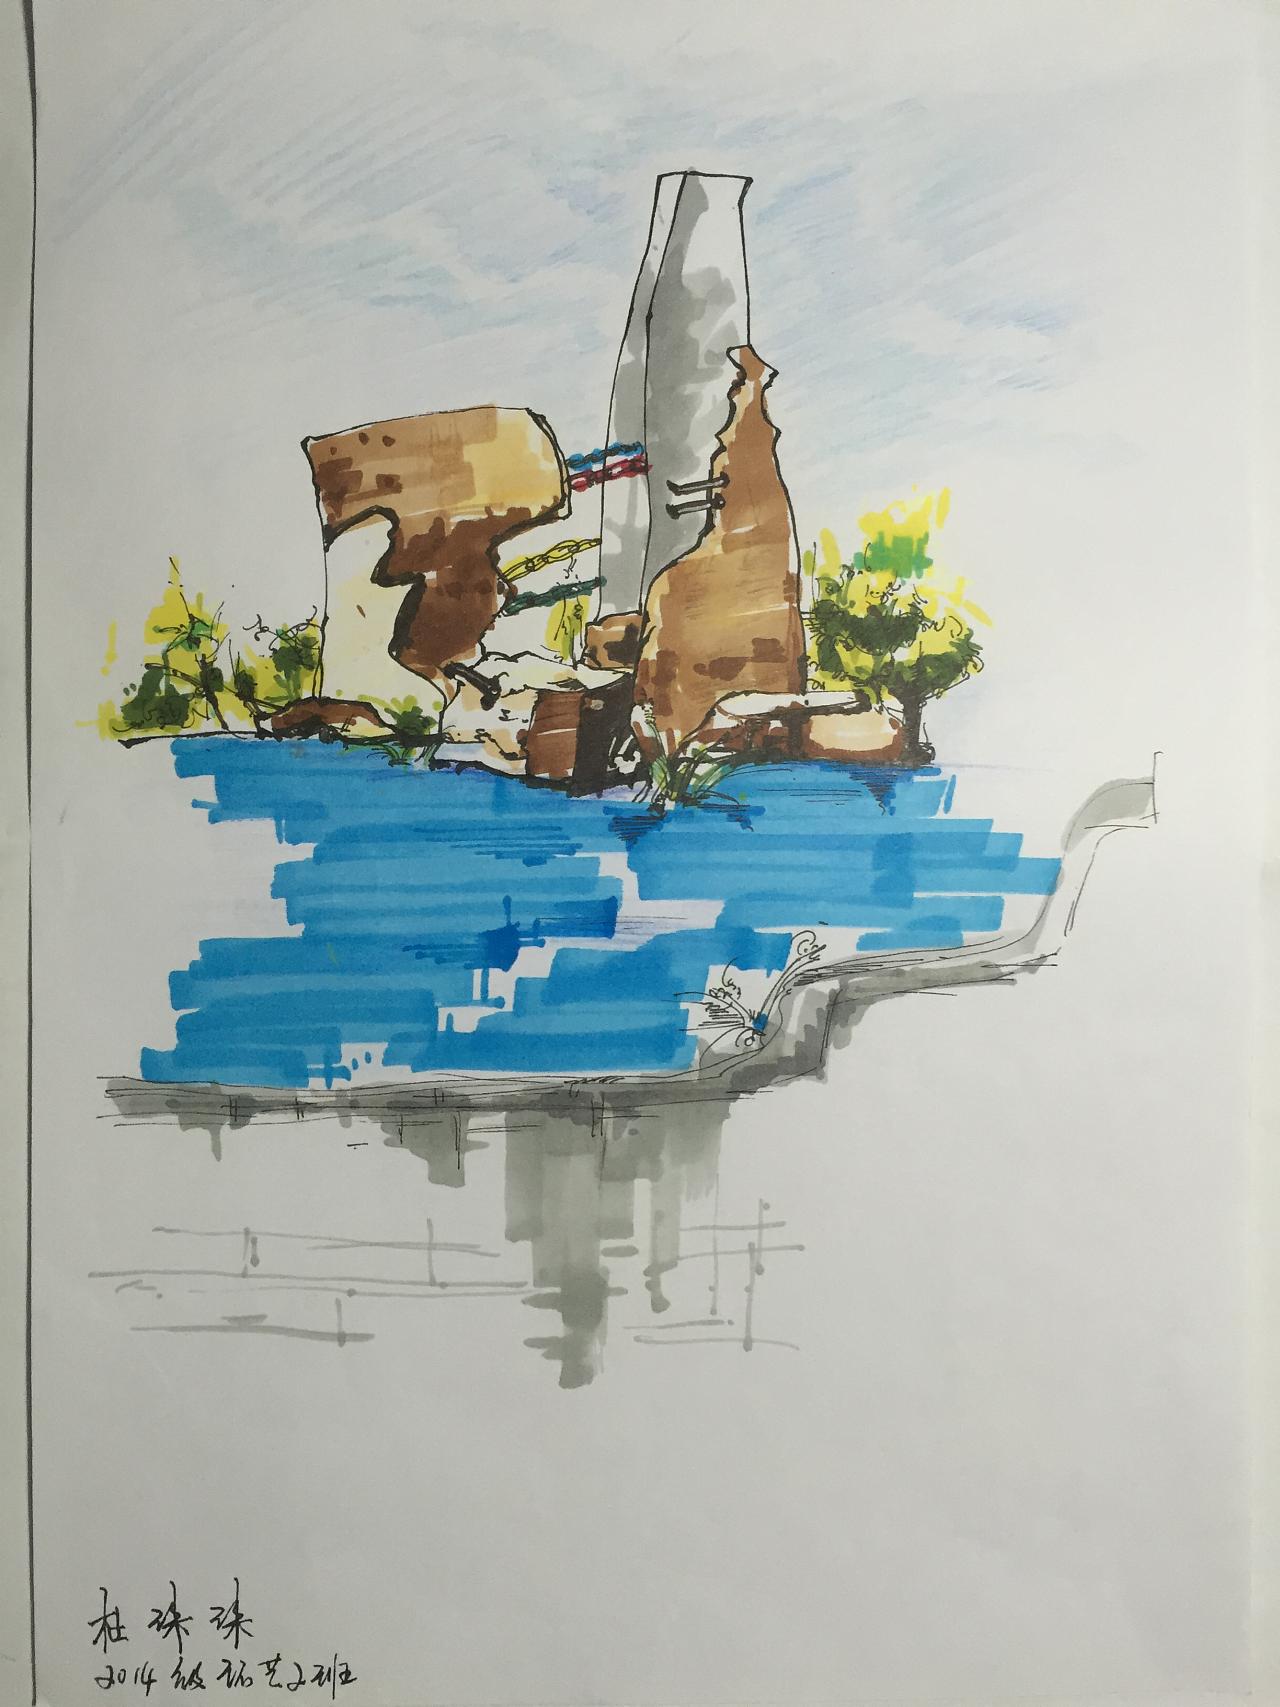 雕塑课手绘写生|空间|景观设计|讹兽 - 原创作品